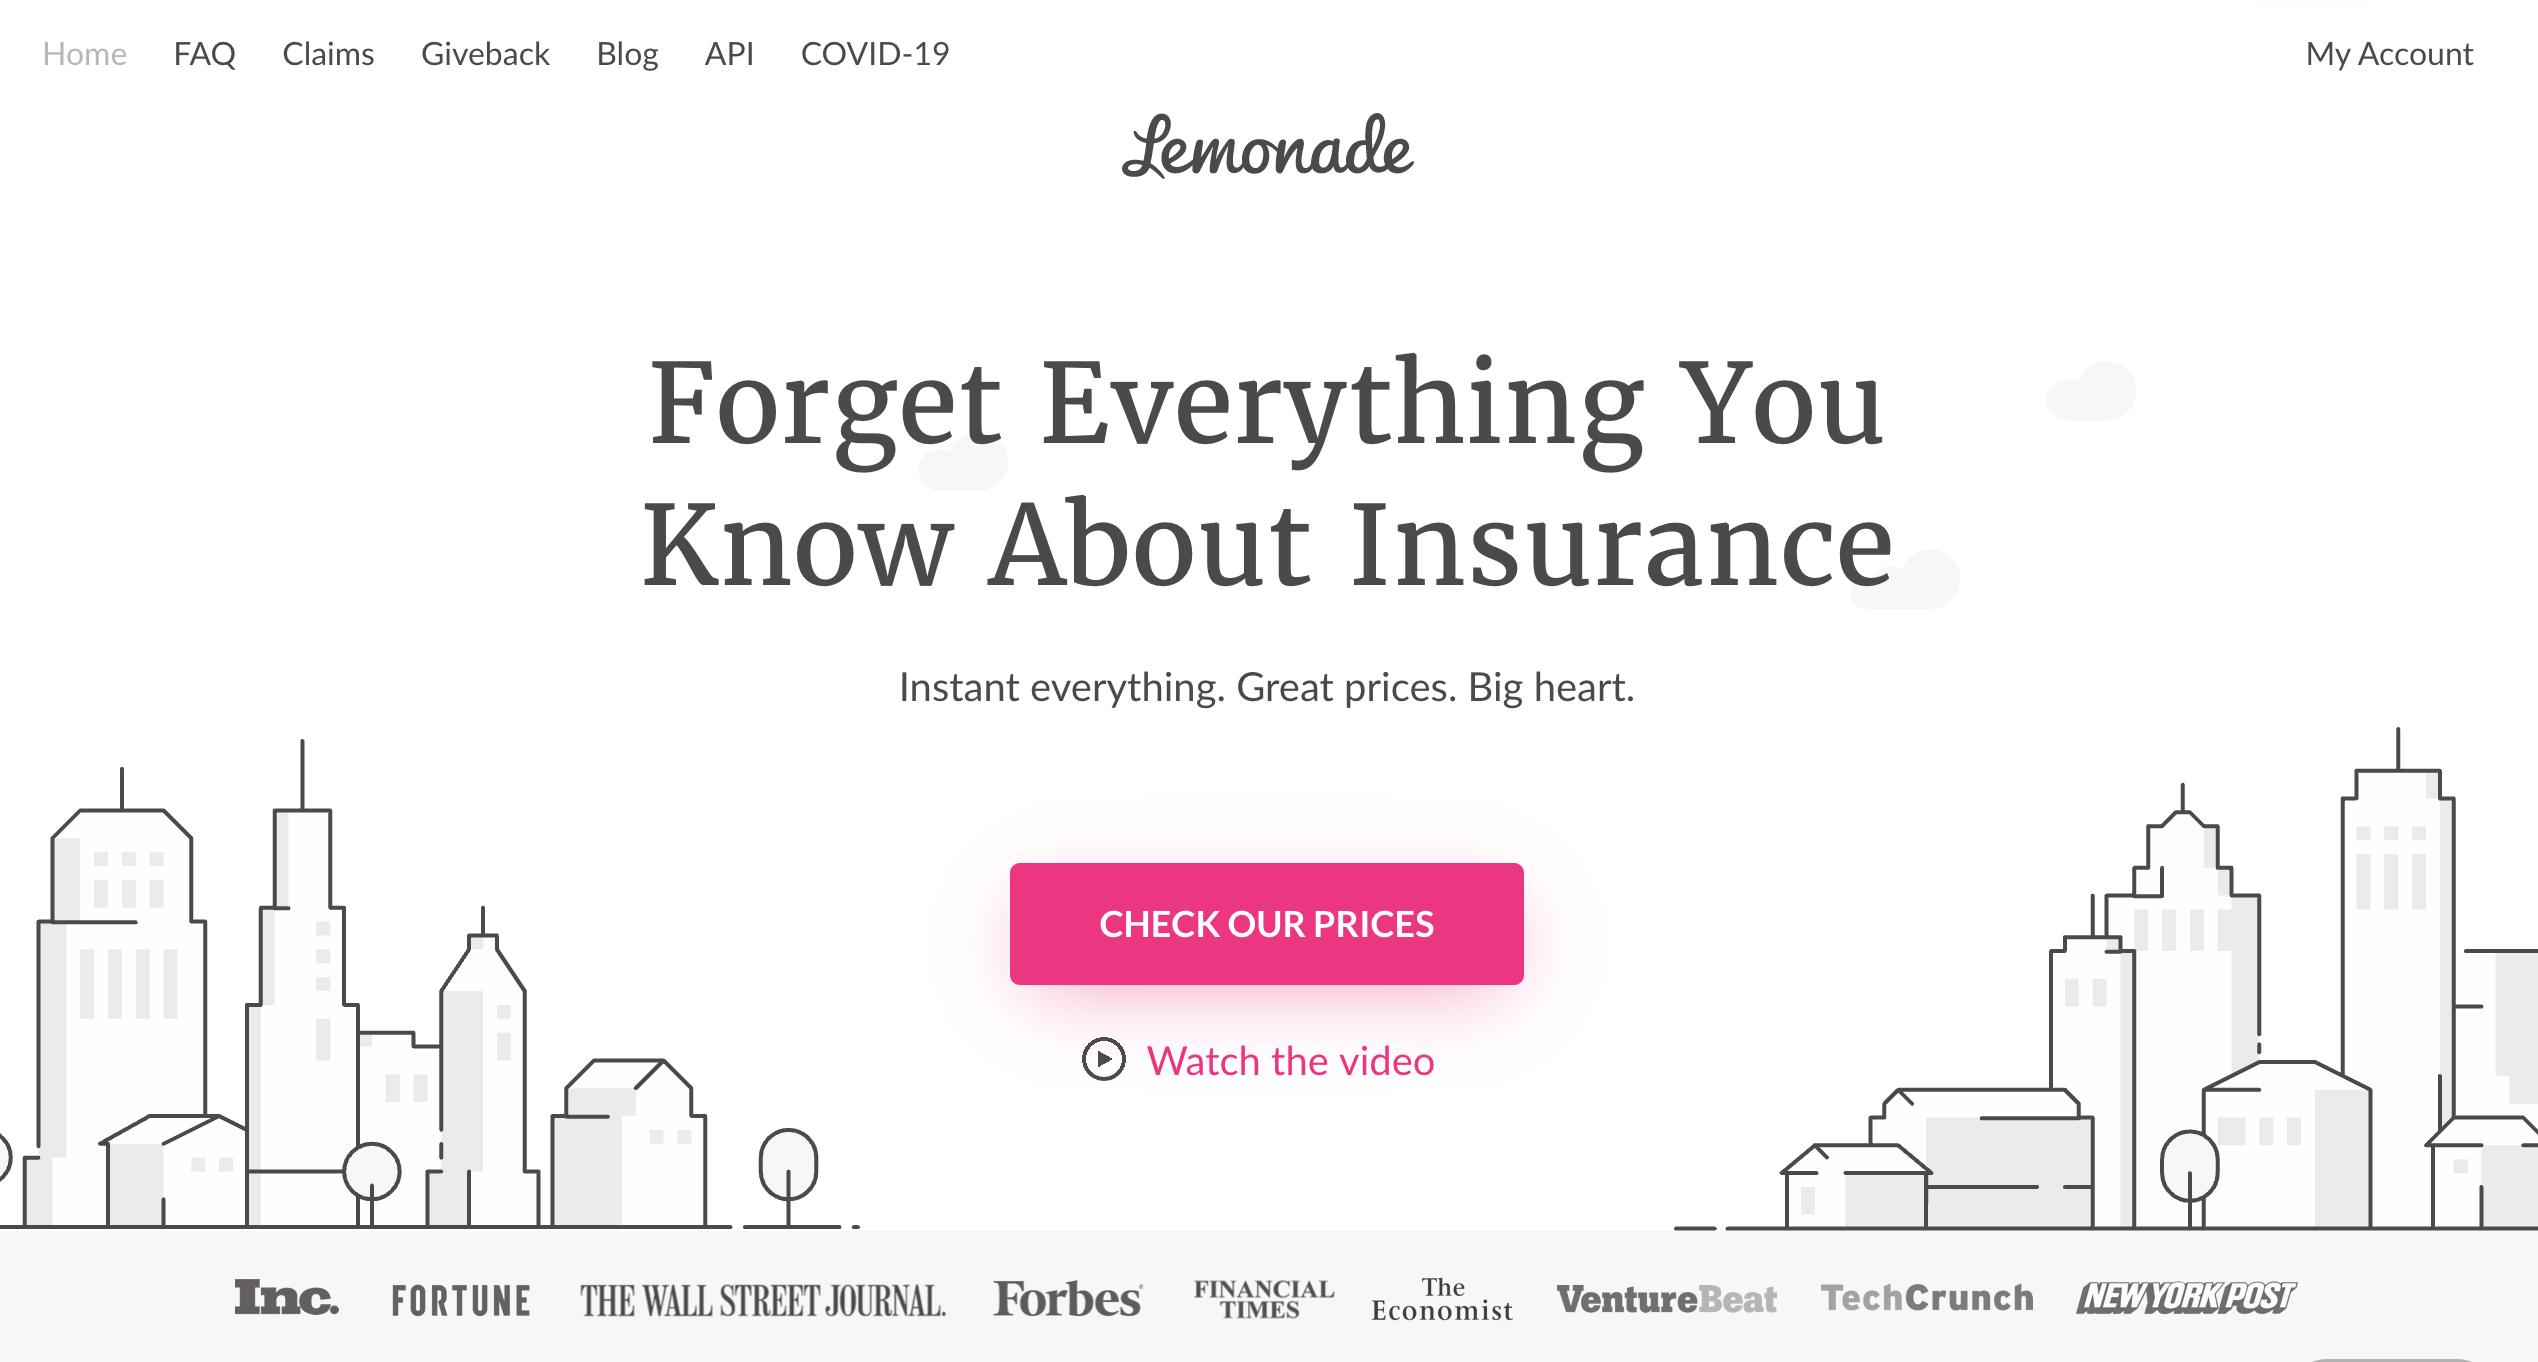 Unique Selling Proposition Examples: Lemonade